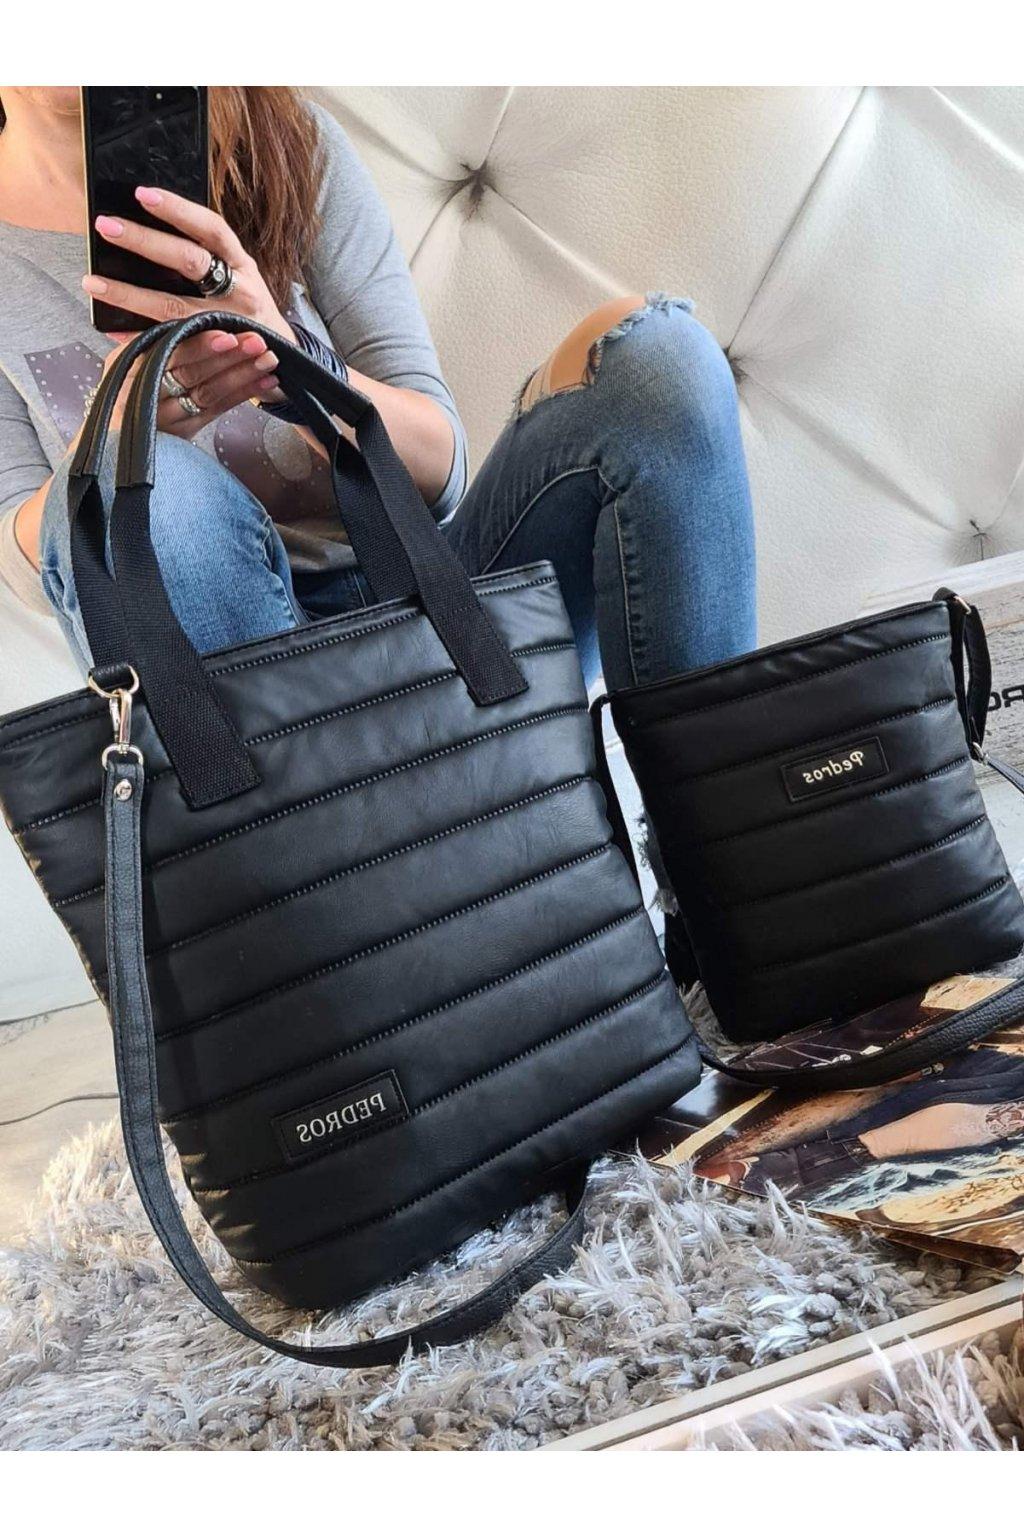 komplet kabelke pedros v černé barvě tip na dárek